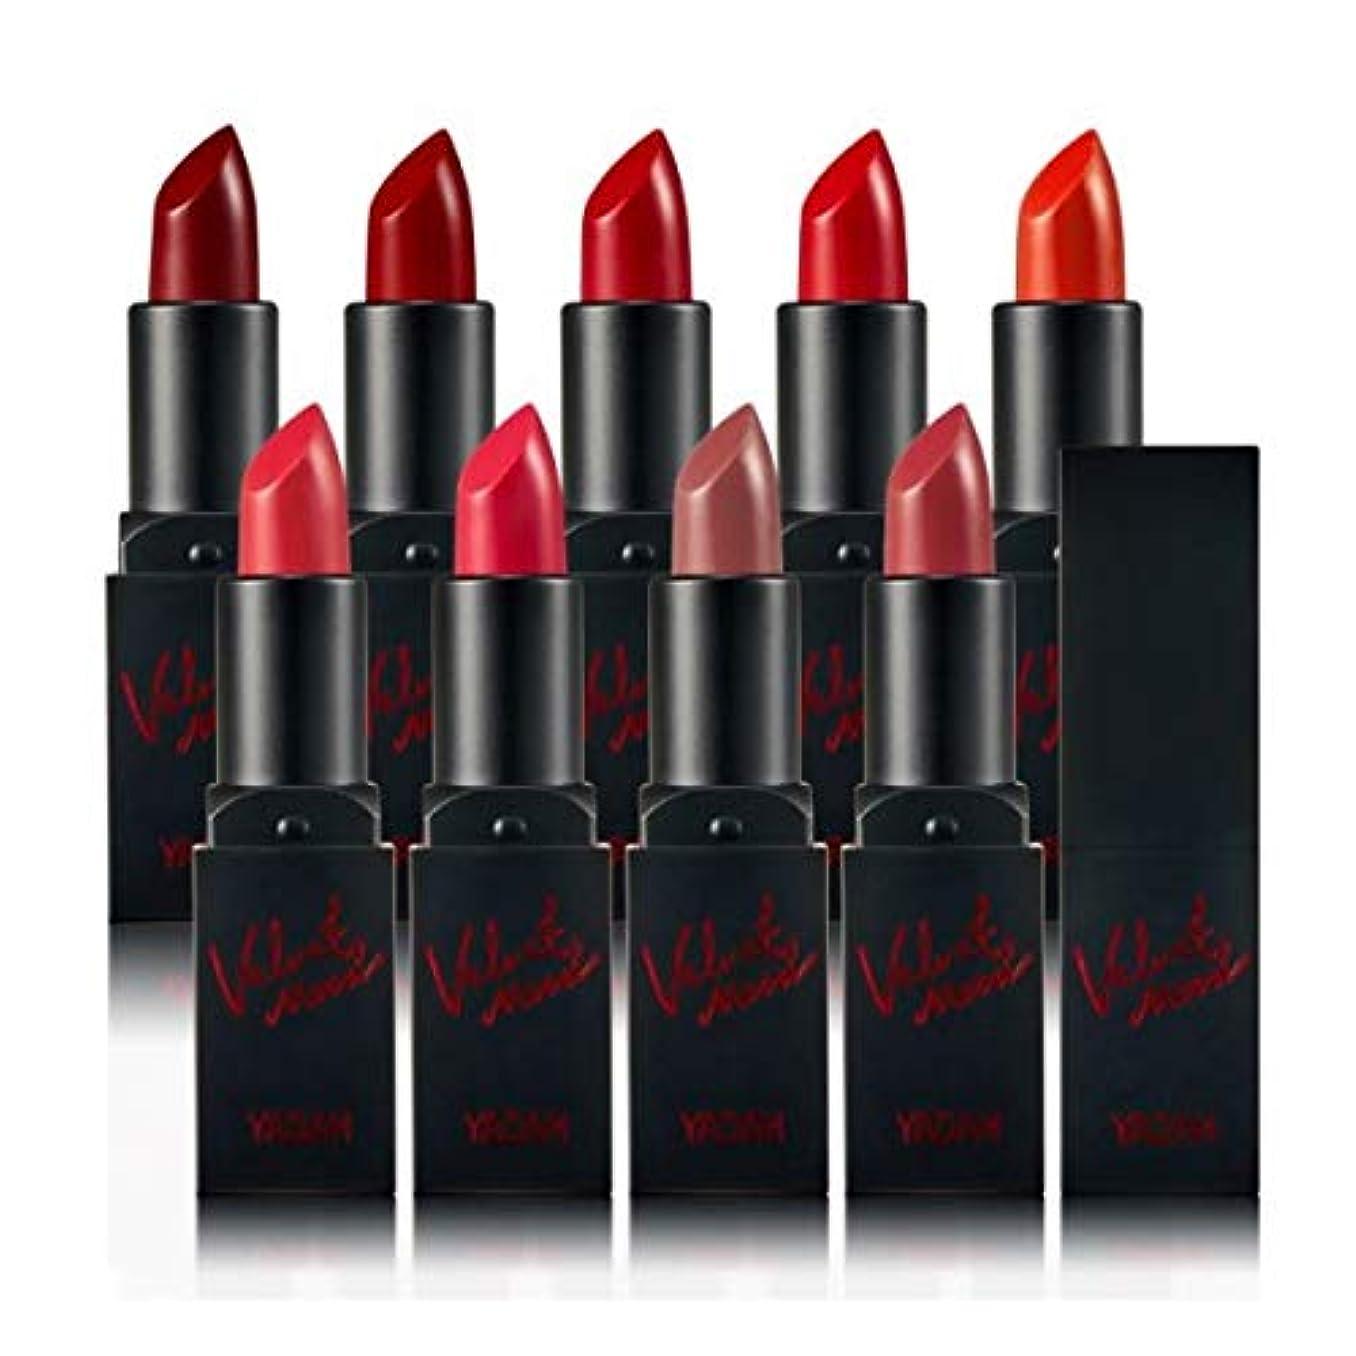 受粉する世界の窓決定するYADAH Velvet Mood Lipstick #02 Deep Rose ベルベットムードマットリップスティック - 3.3g[並行輸入品]